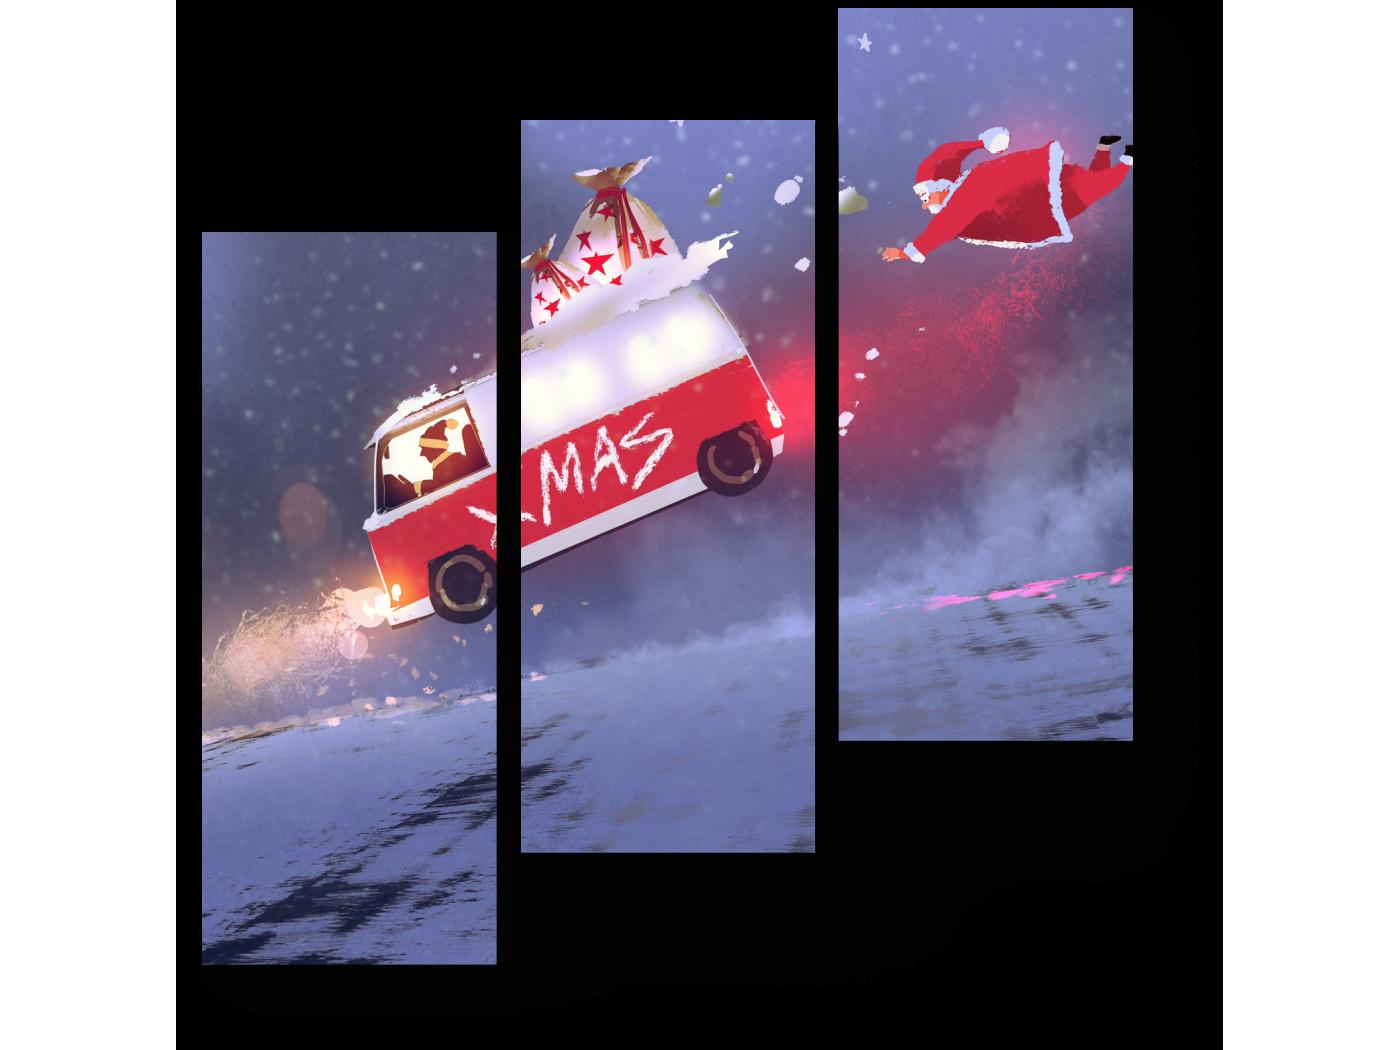 Модульная картина Рождественский переполох (60x64) фото